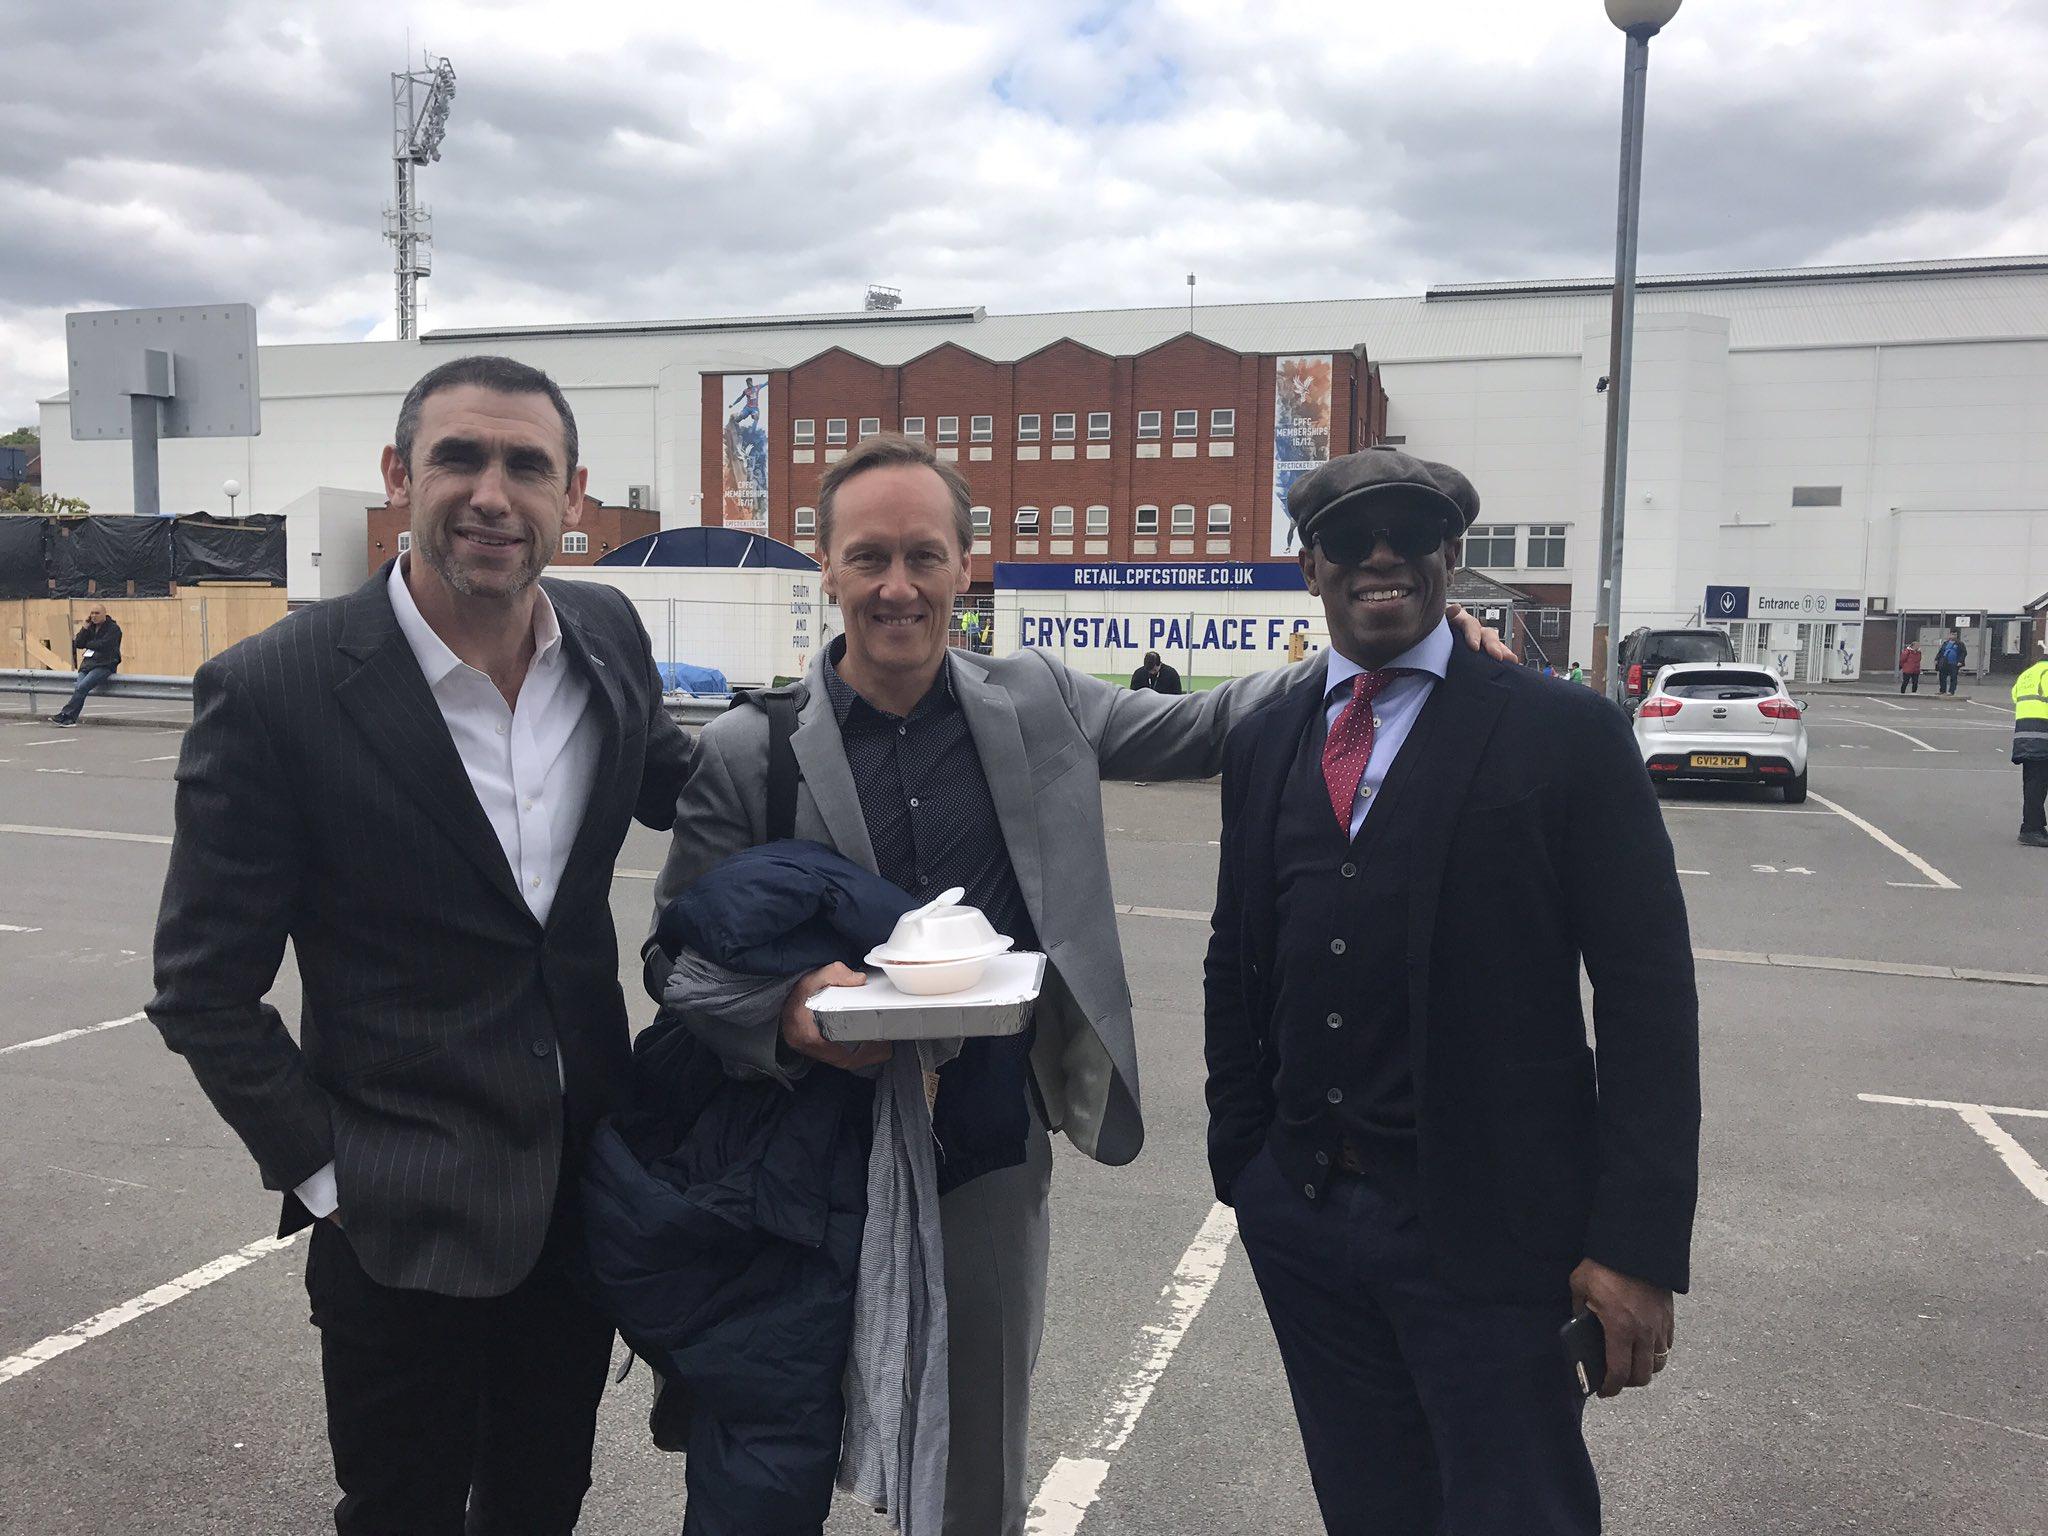 Just 3 blokes in the car park at Selhurst chatting Arsenal... https://t.co/KqV6pK0TfU